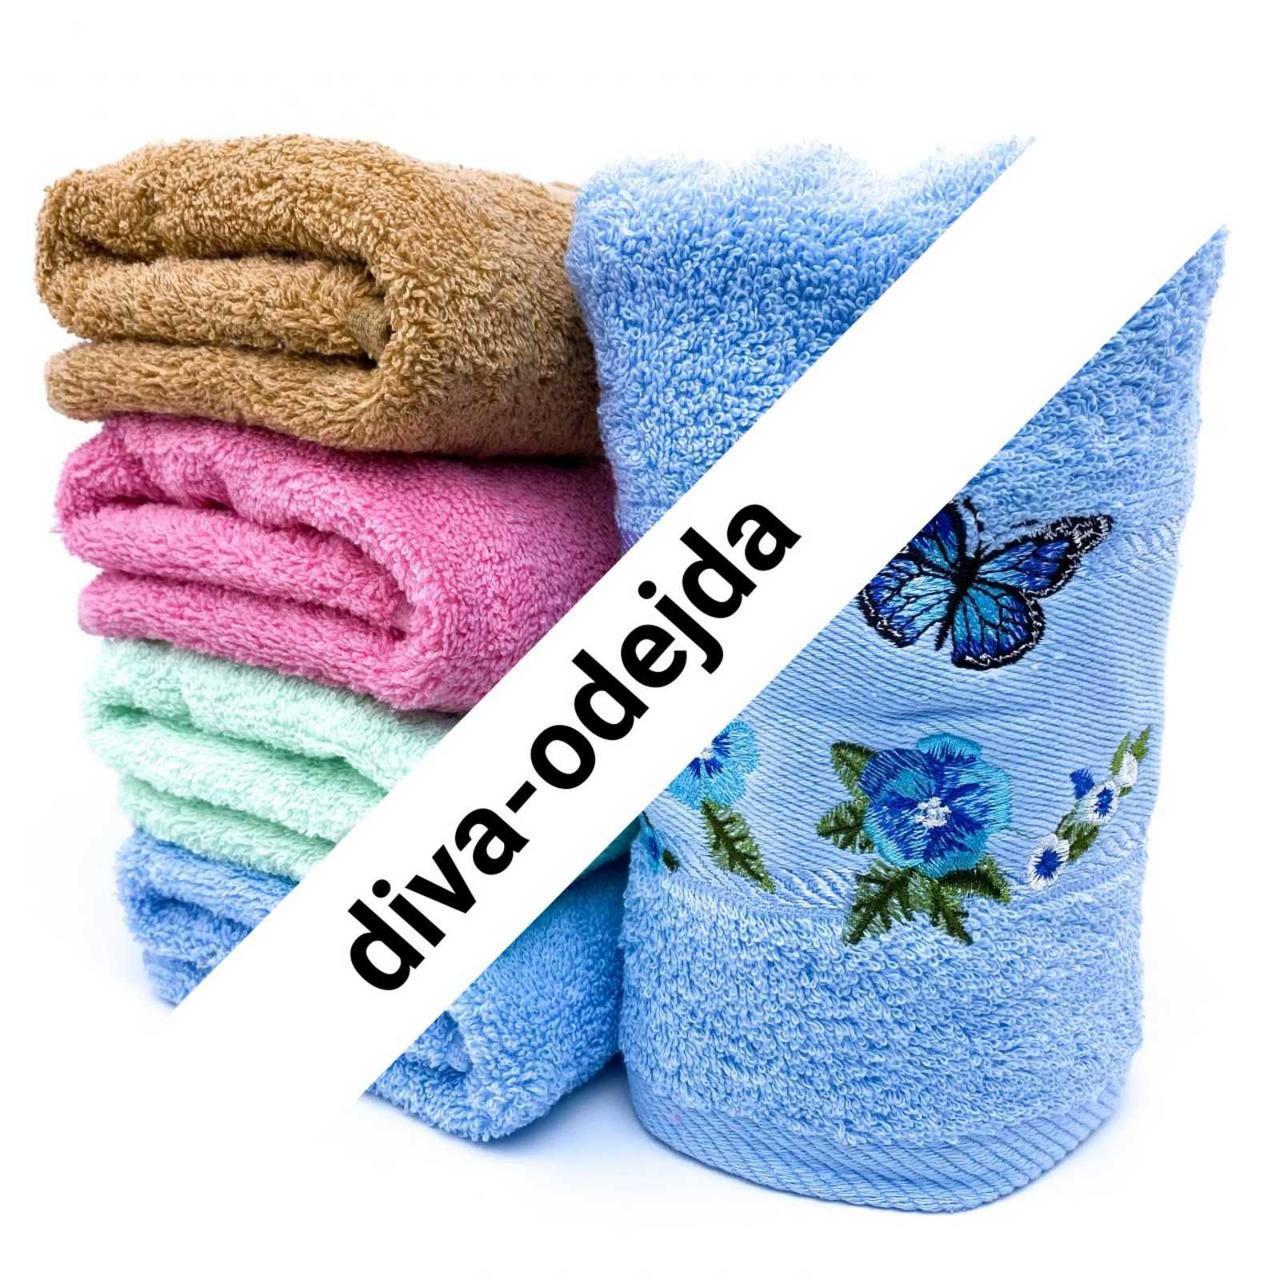 Полотенце для лица и рук с цветочным принтом.Размер:1,0 x 0,5